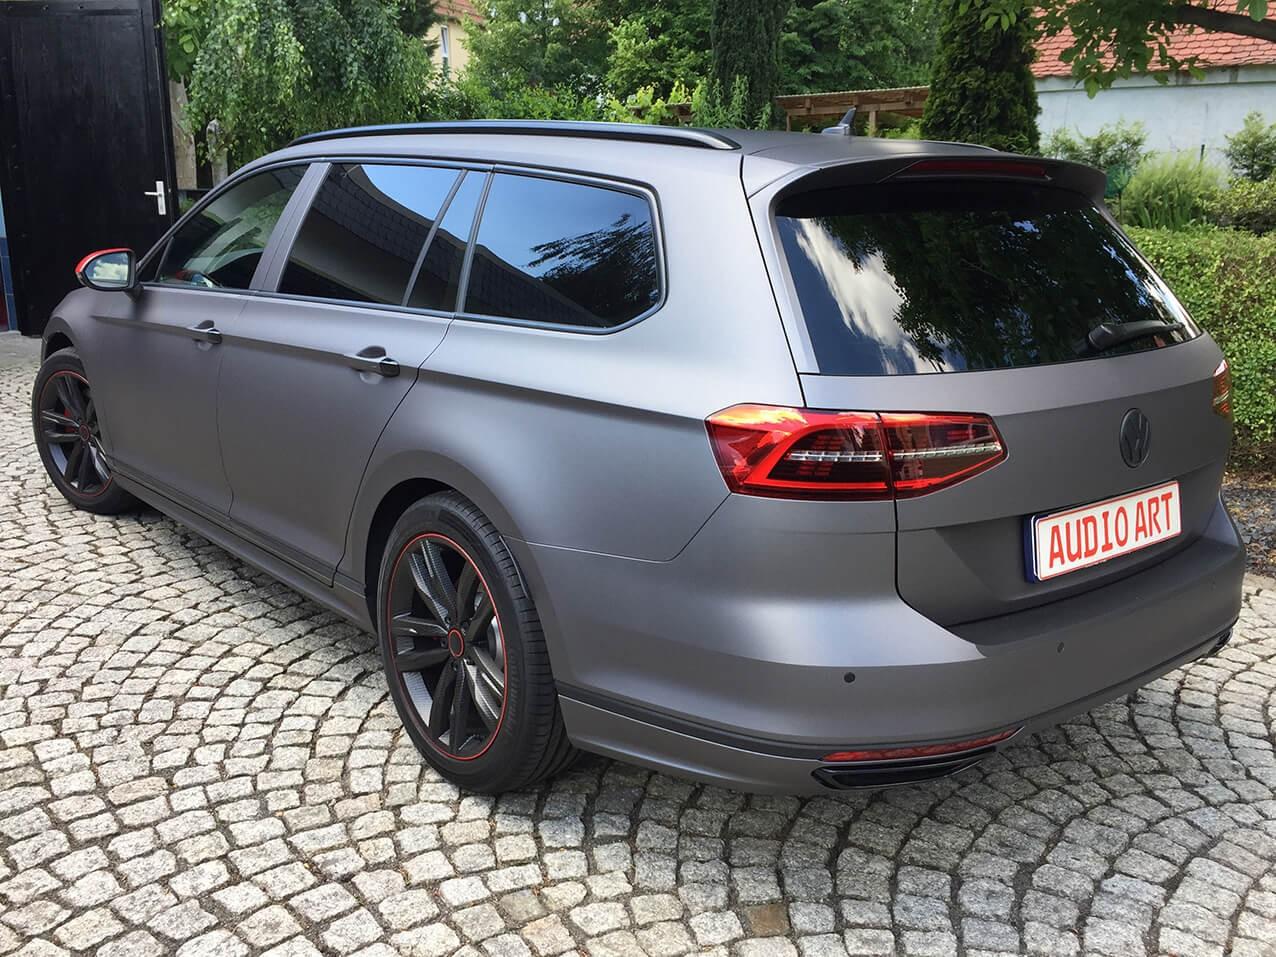 trend vollverklebung carwrapping new wrap essentials 1 autofolie aus usa in deutschland. Black Bedroom Furniture Sets. Home Design Ideas